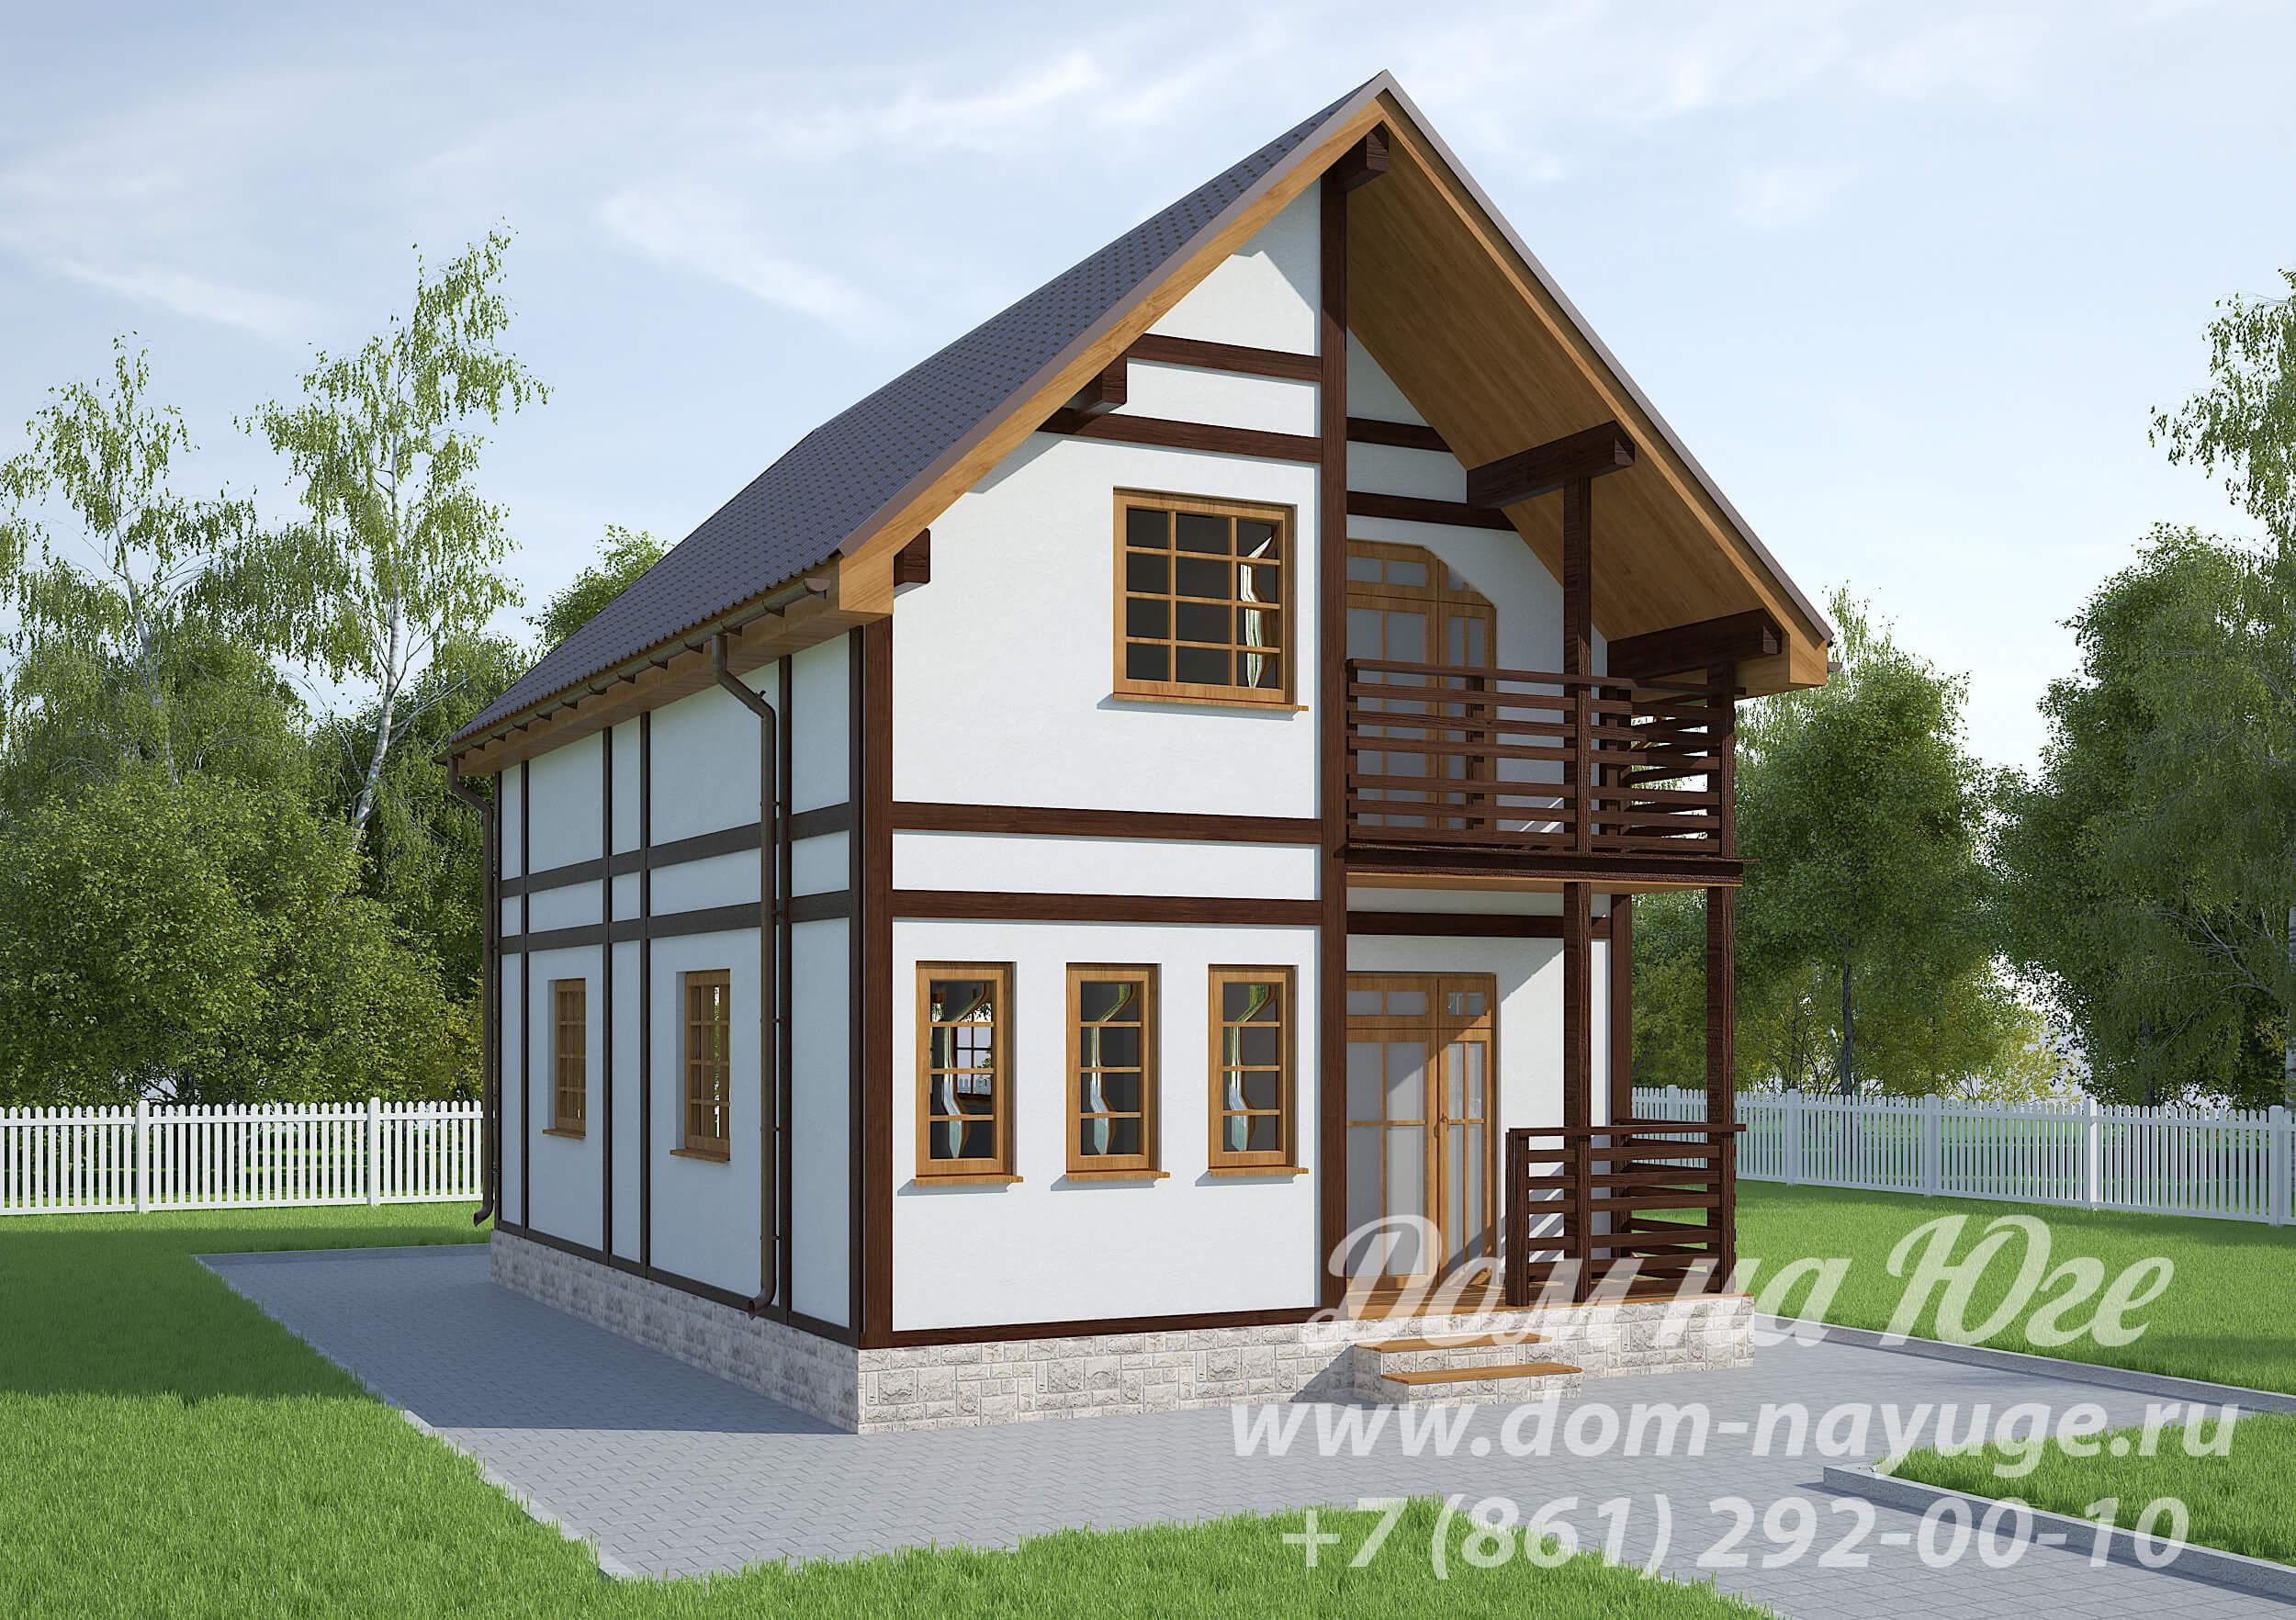 Проект каркасного дома БМ4